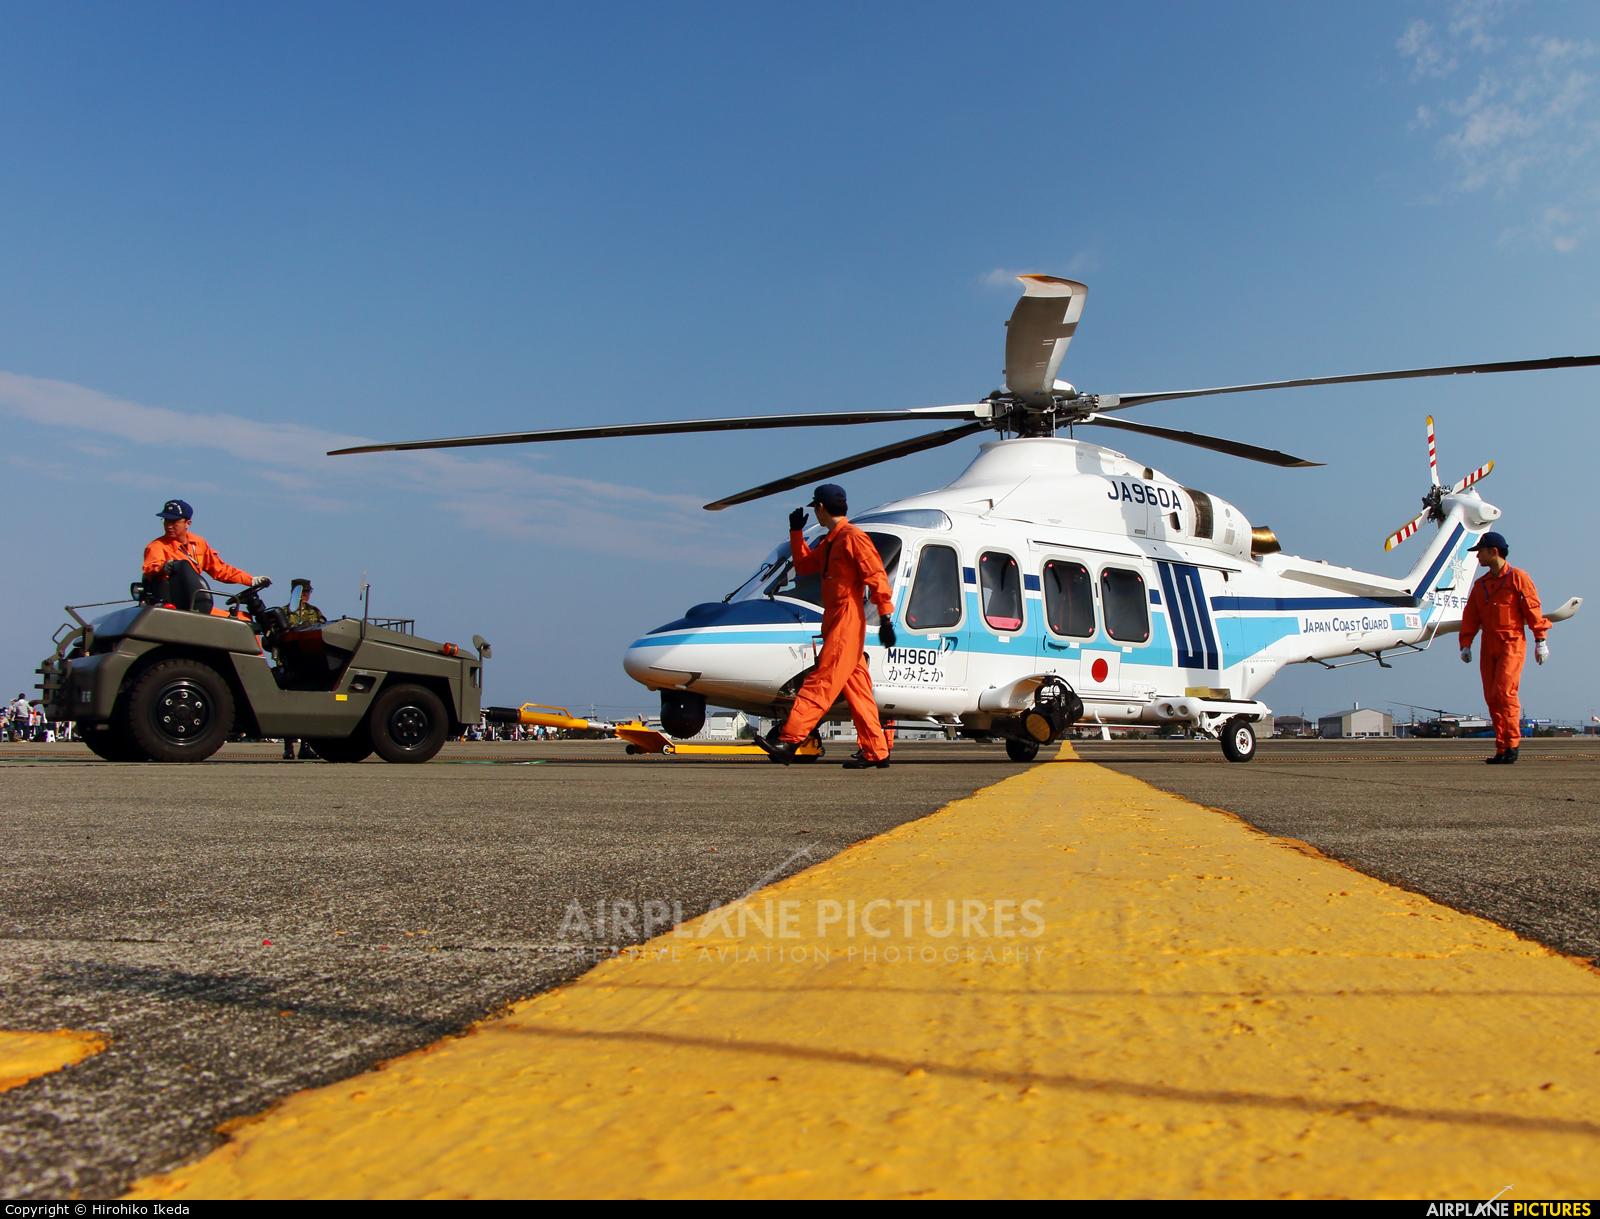 Japan - Coast Guard JA960A aircraft at Akeno Air Field